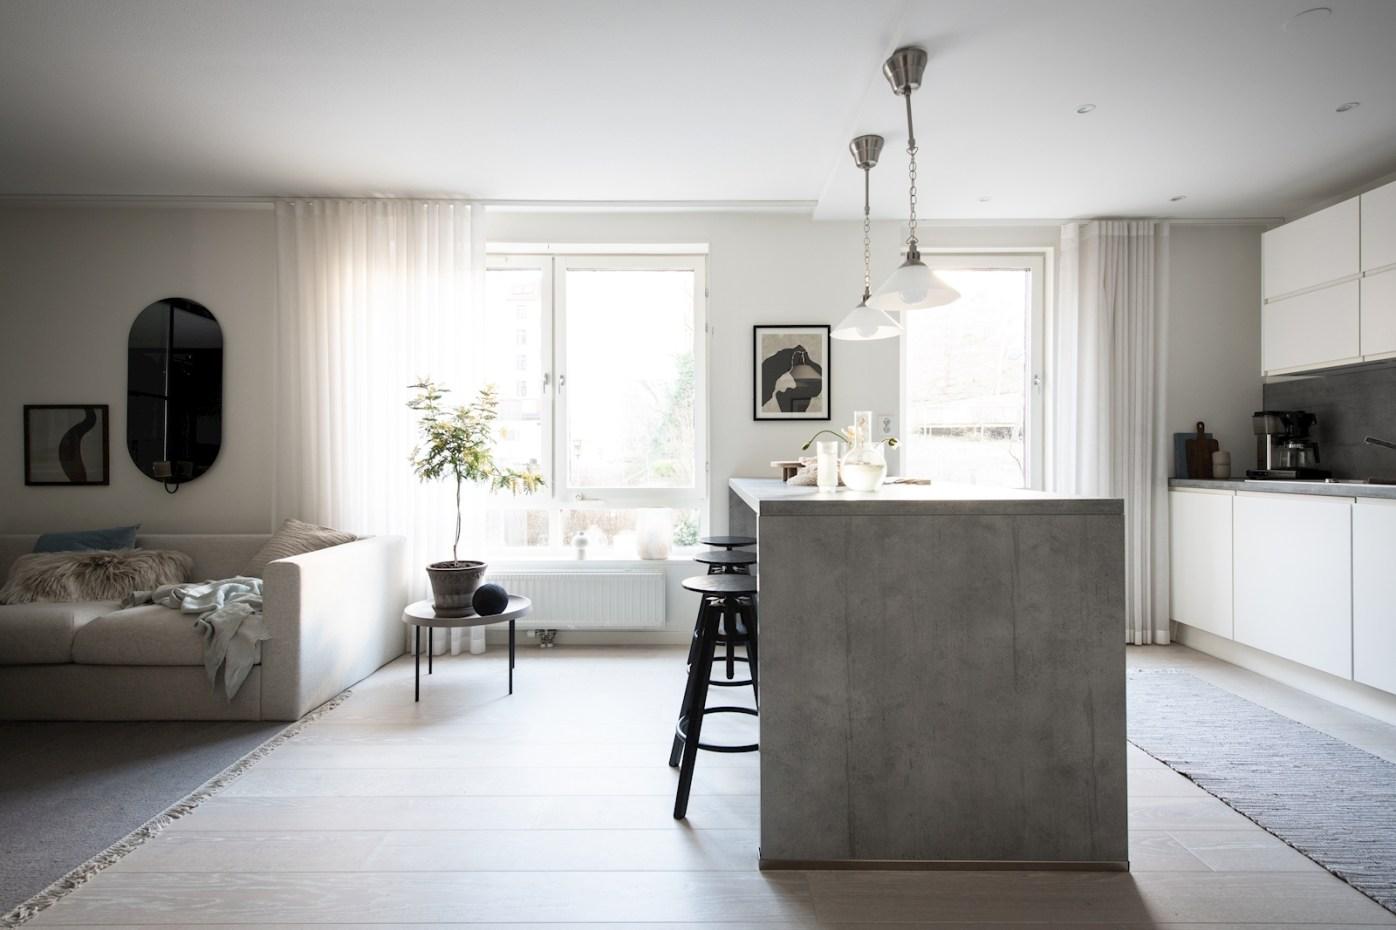 квартира 52 квм кухонный остров стулья